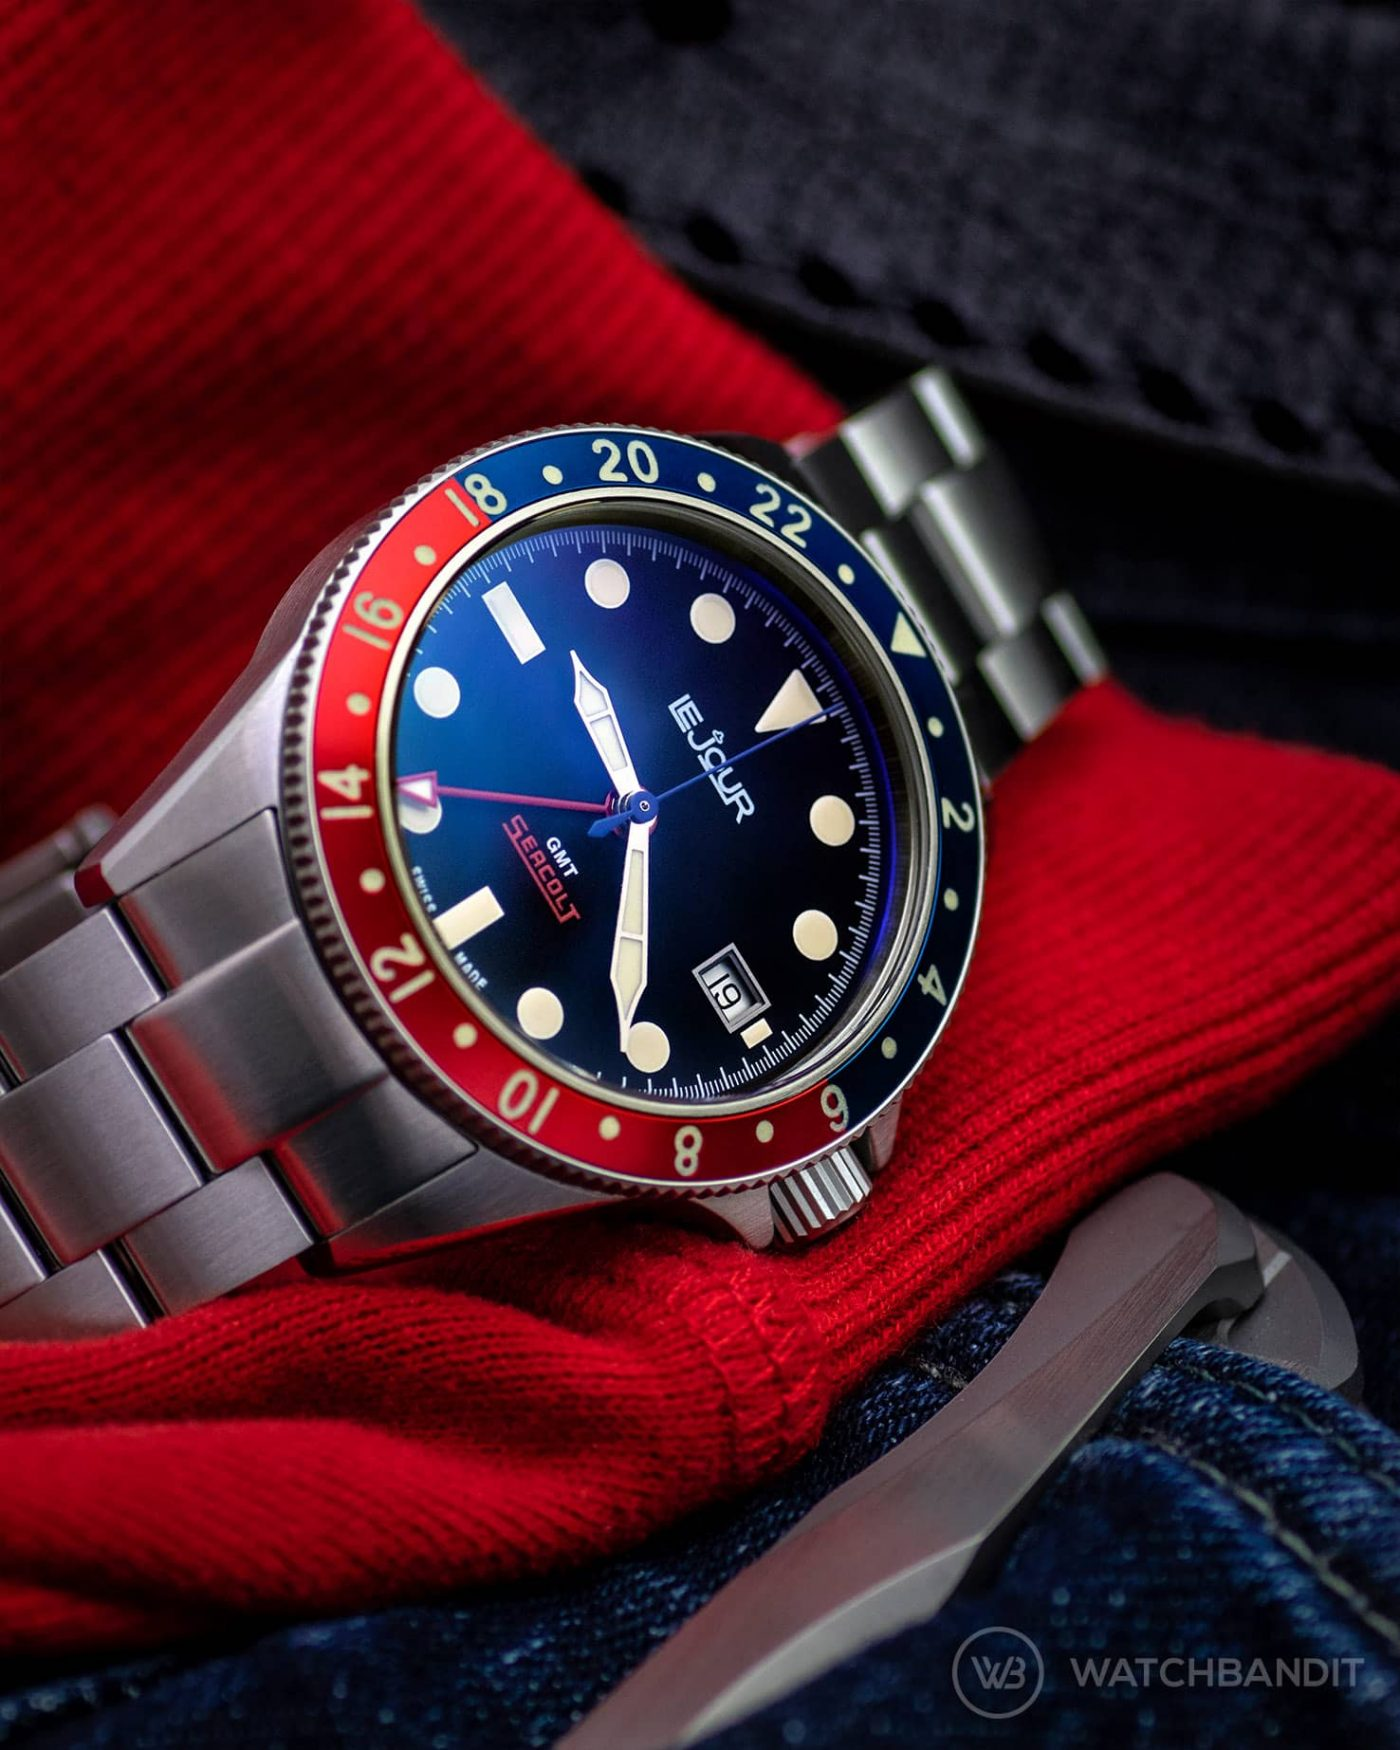 LeJour Seacolt GMT Pepsi Watchbandit